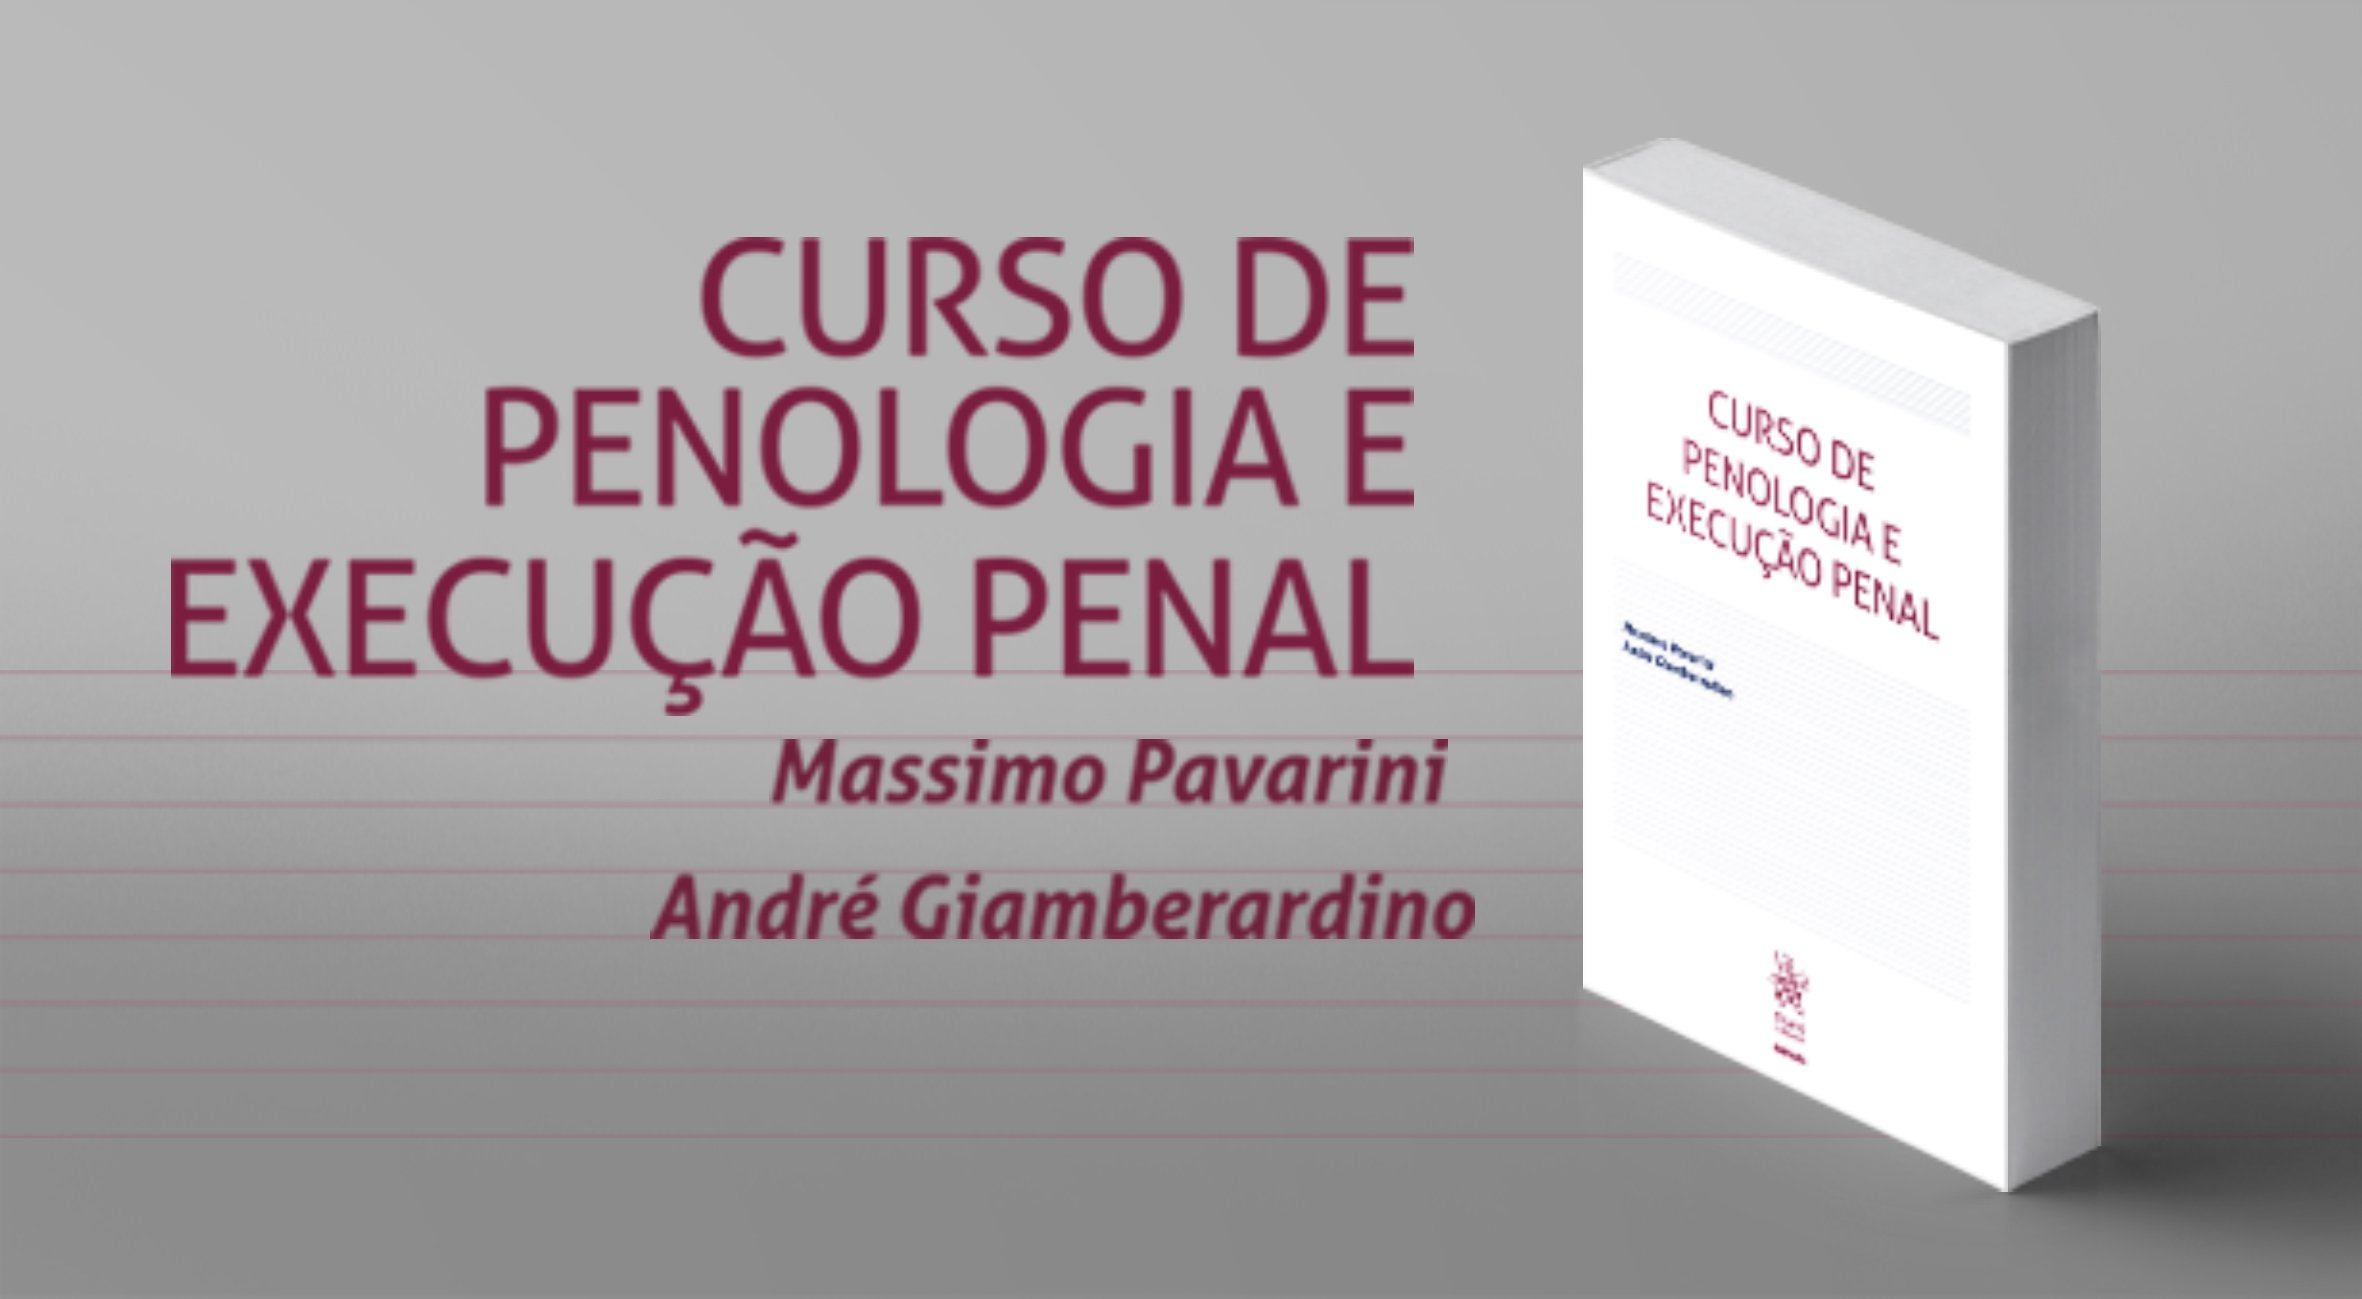 Livro: Curso de Penologia e Execução Penal